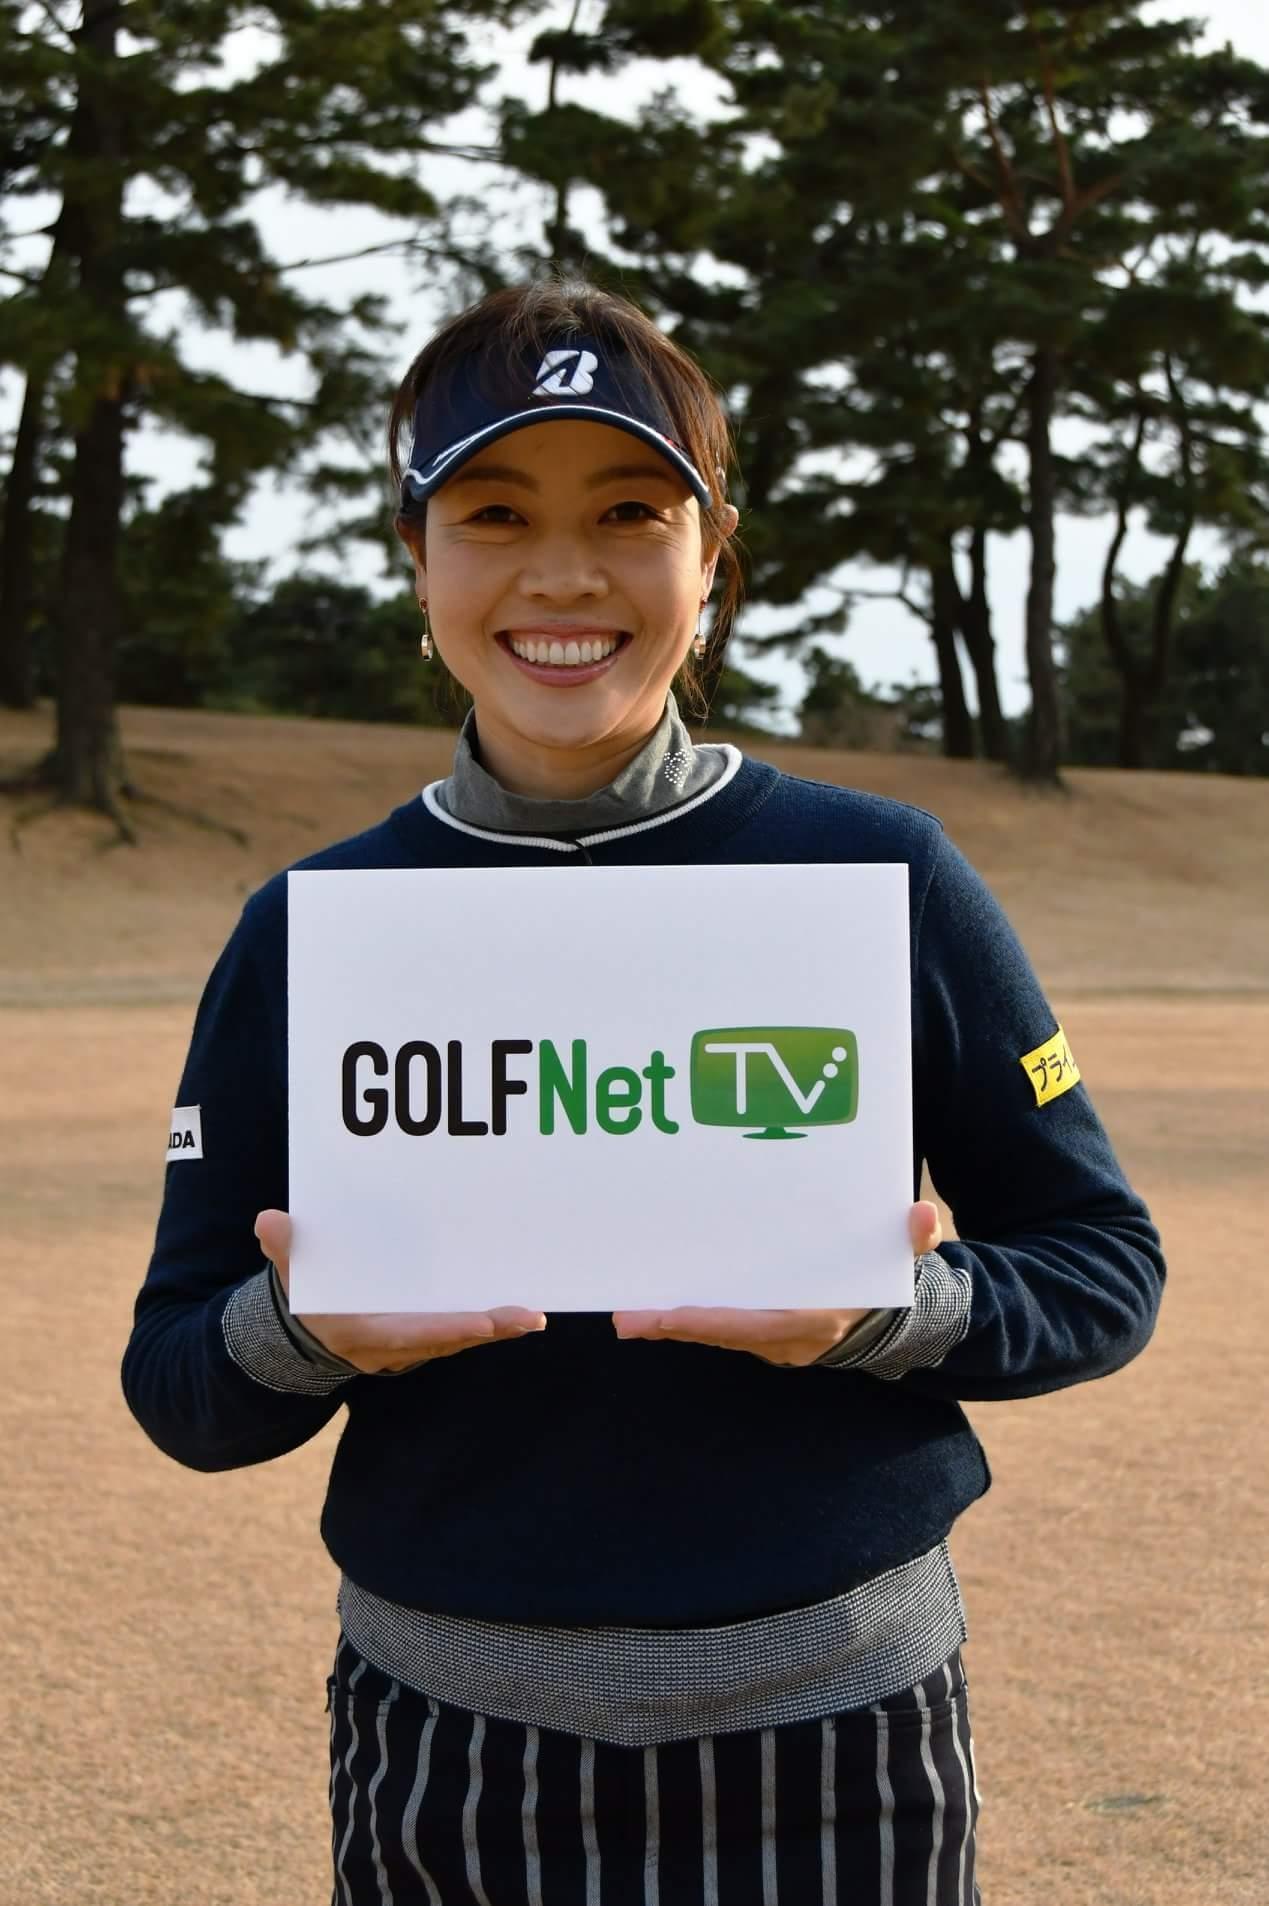 西山ゆかりプロGOLF Net TV